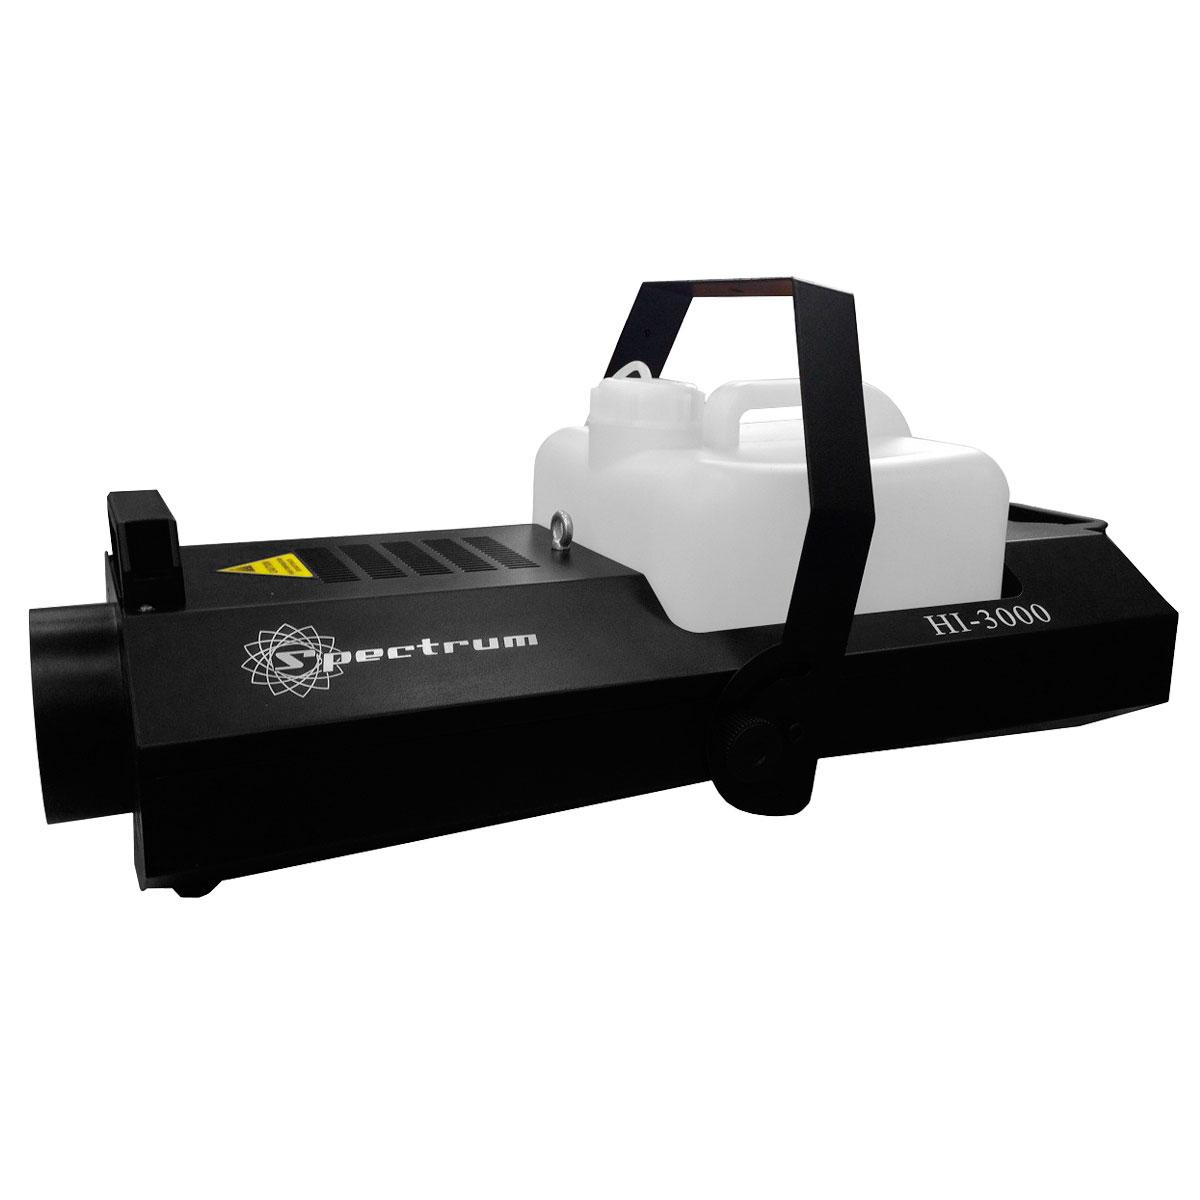 HI3000 - M�quina de Fuma�a 3000W 110V c/ Controle Remoto HI 3000 - Spectrum